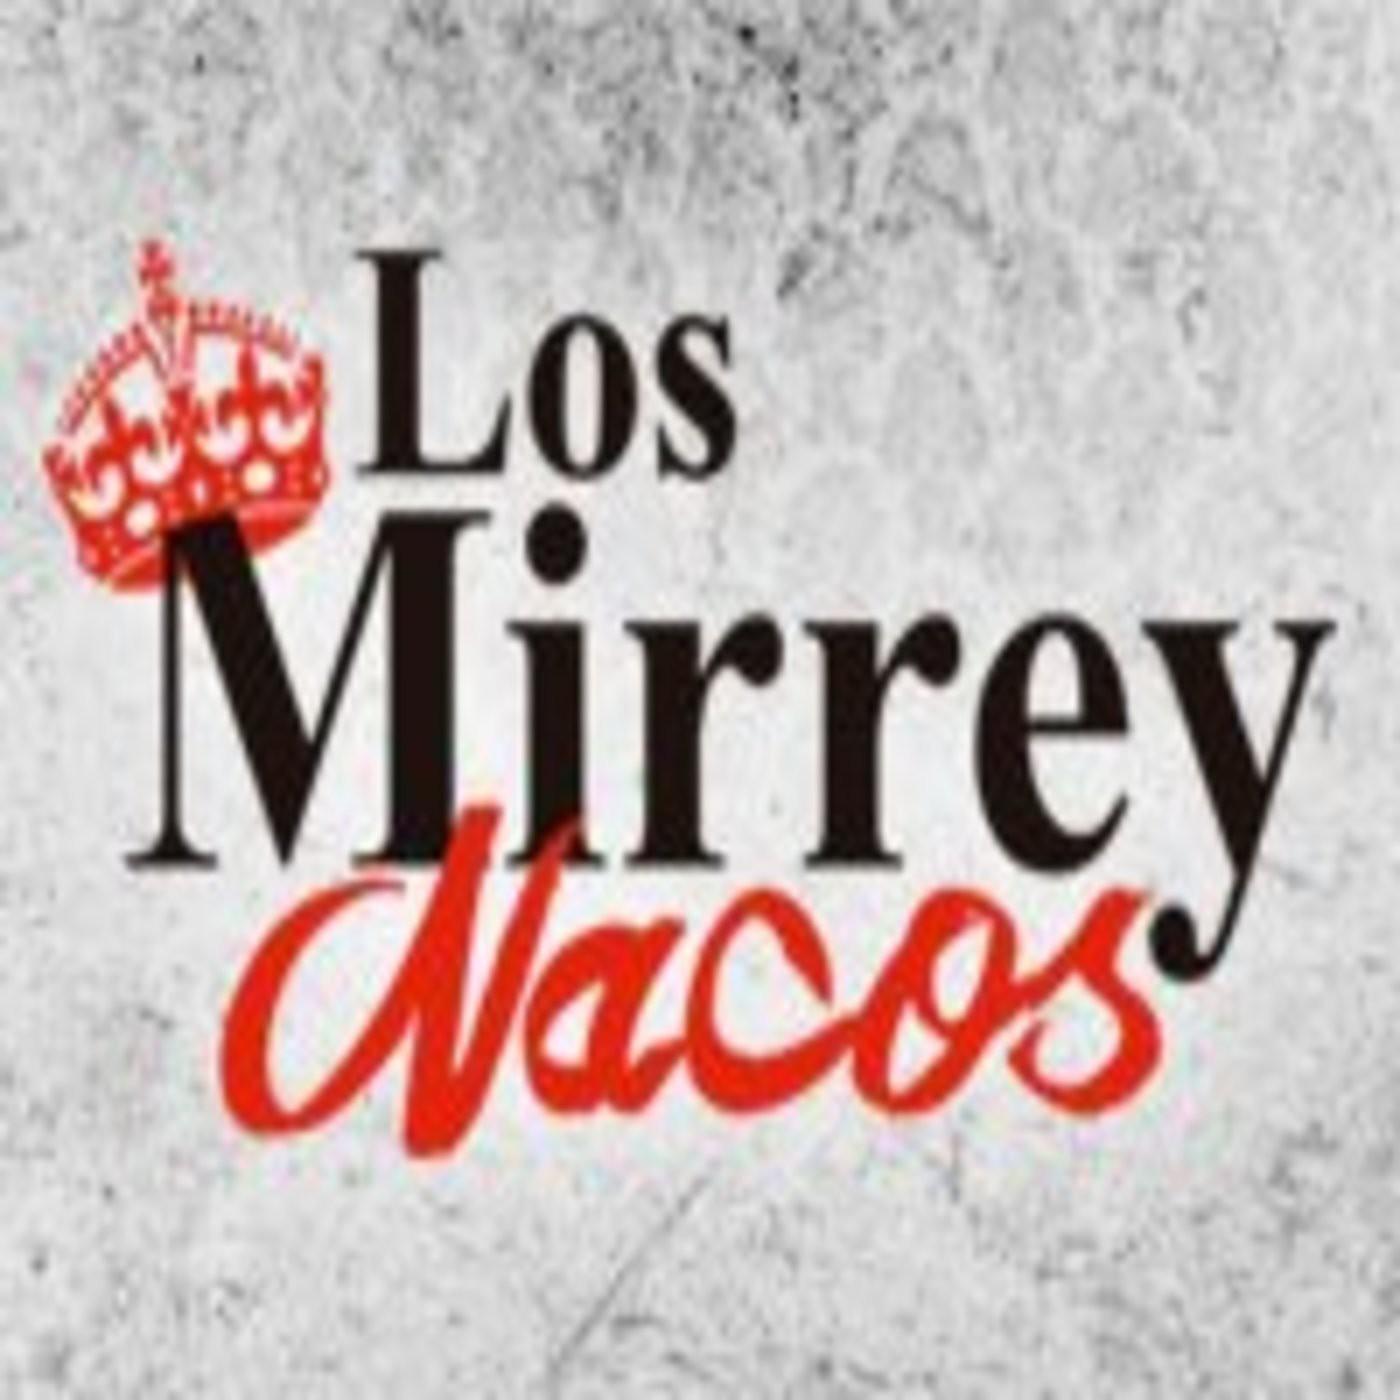 <![CDATA[Los MirreyNacos]]>